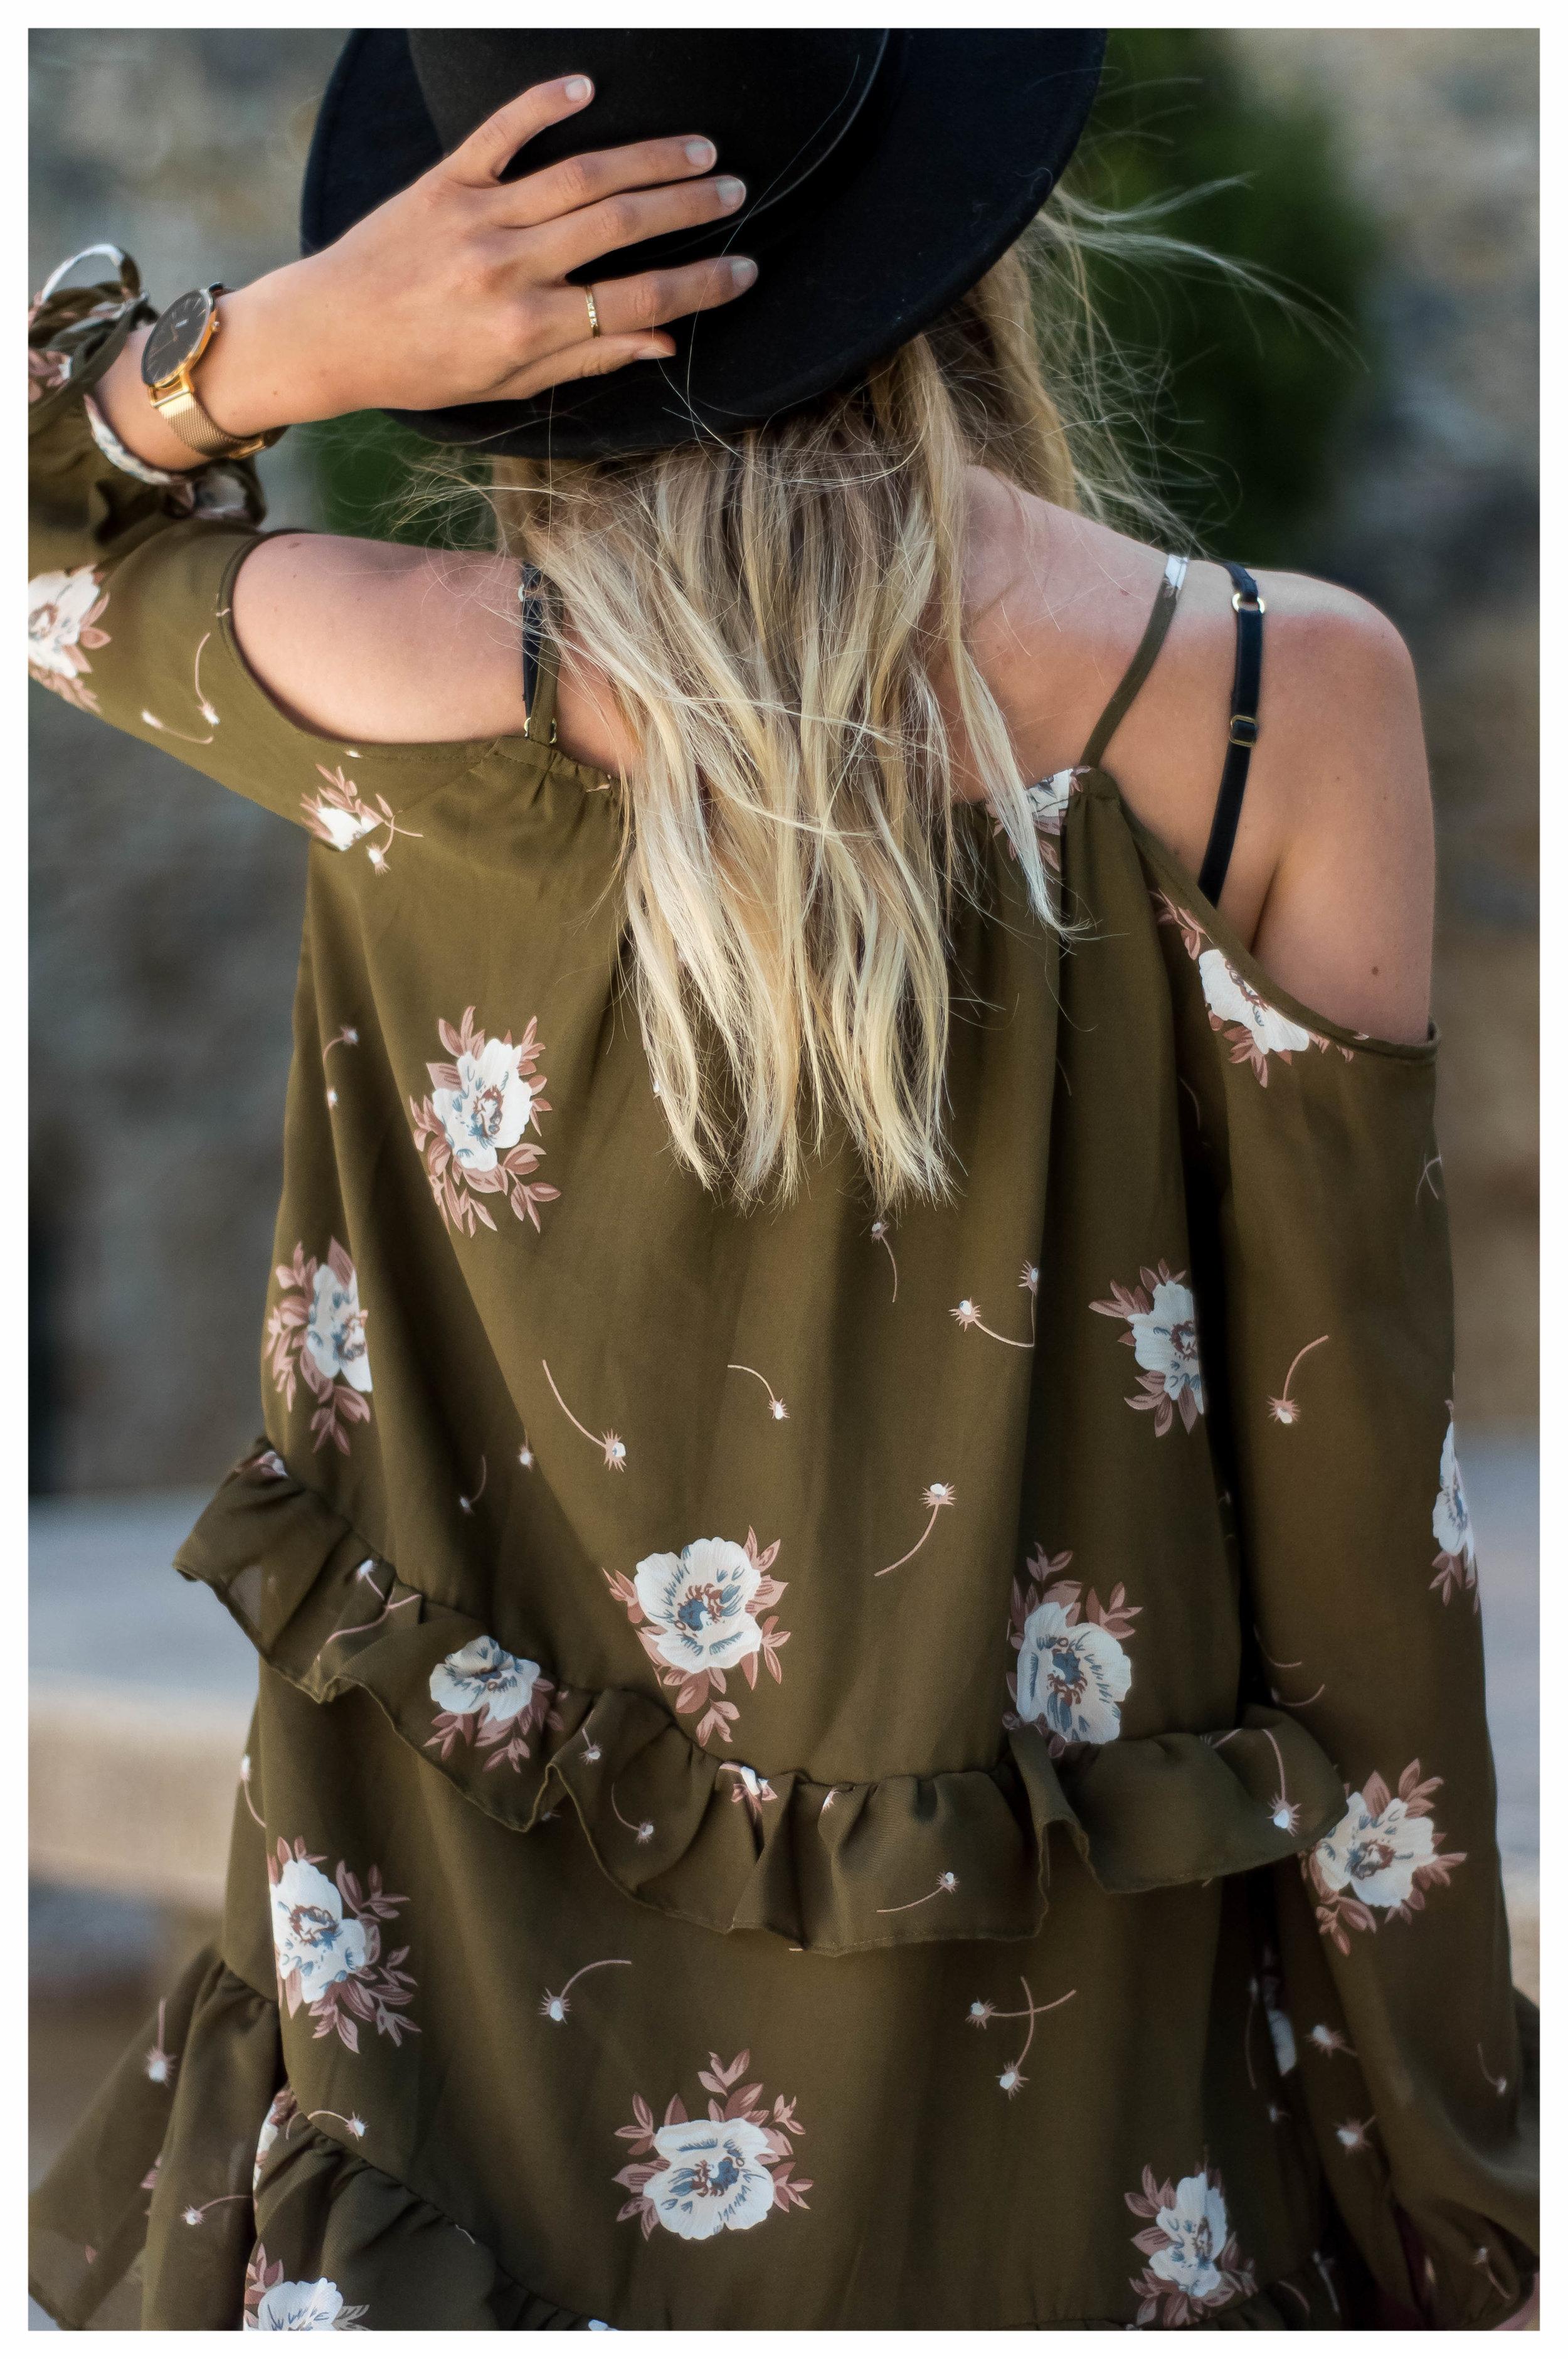 Cornillon Dress June - OSIARAH.COM (9 of 14).jpg